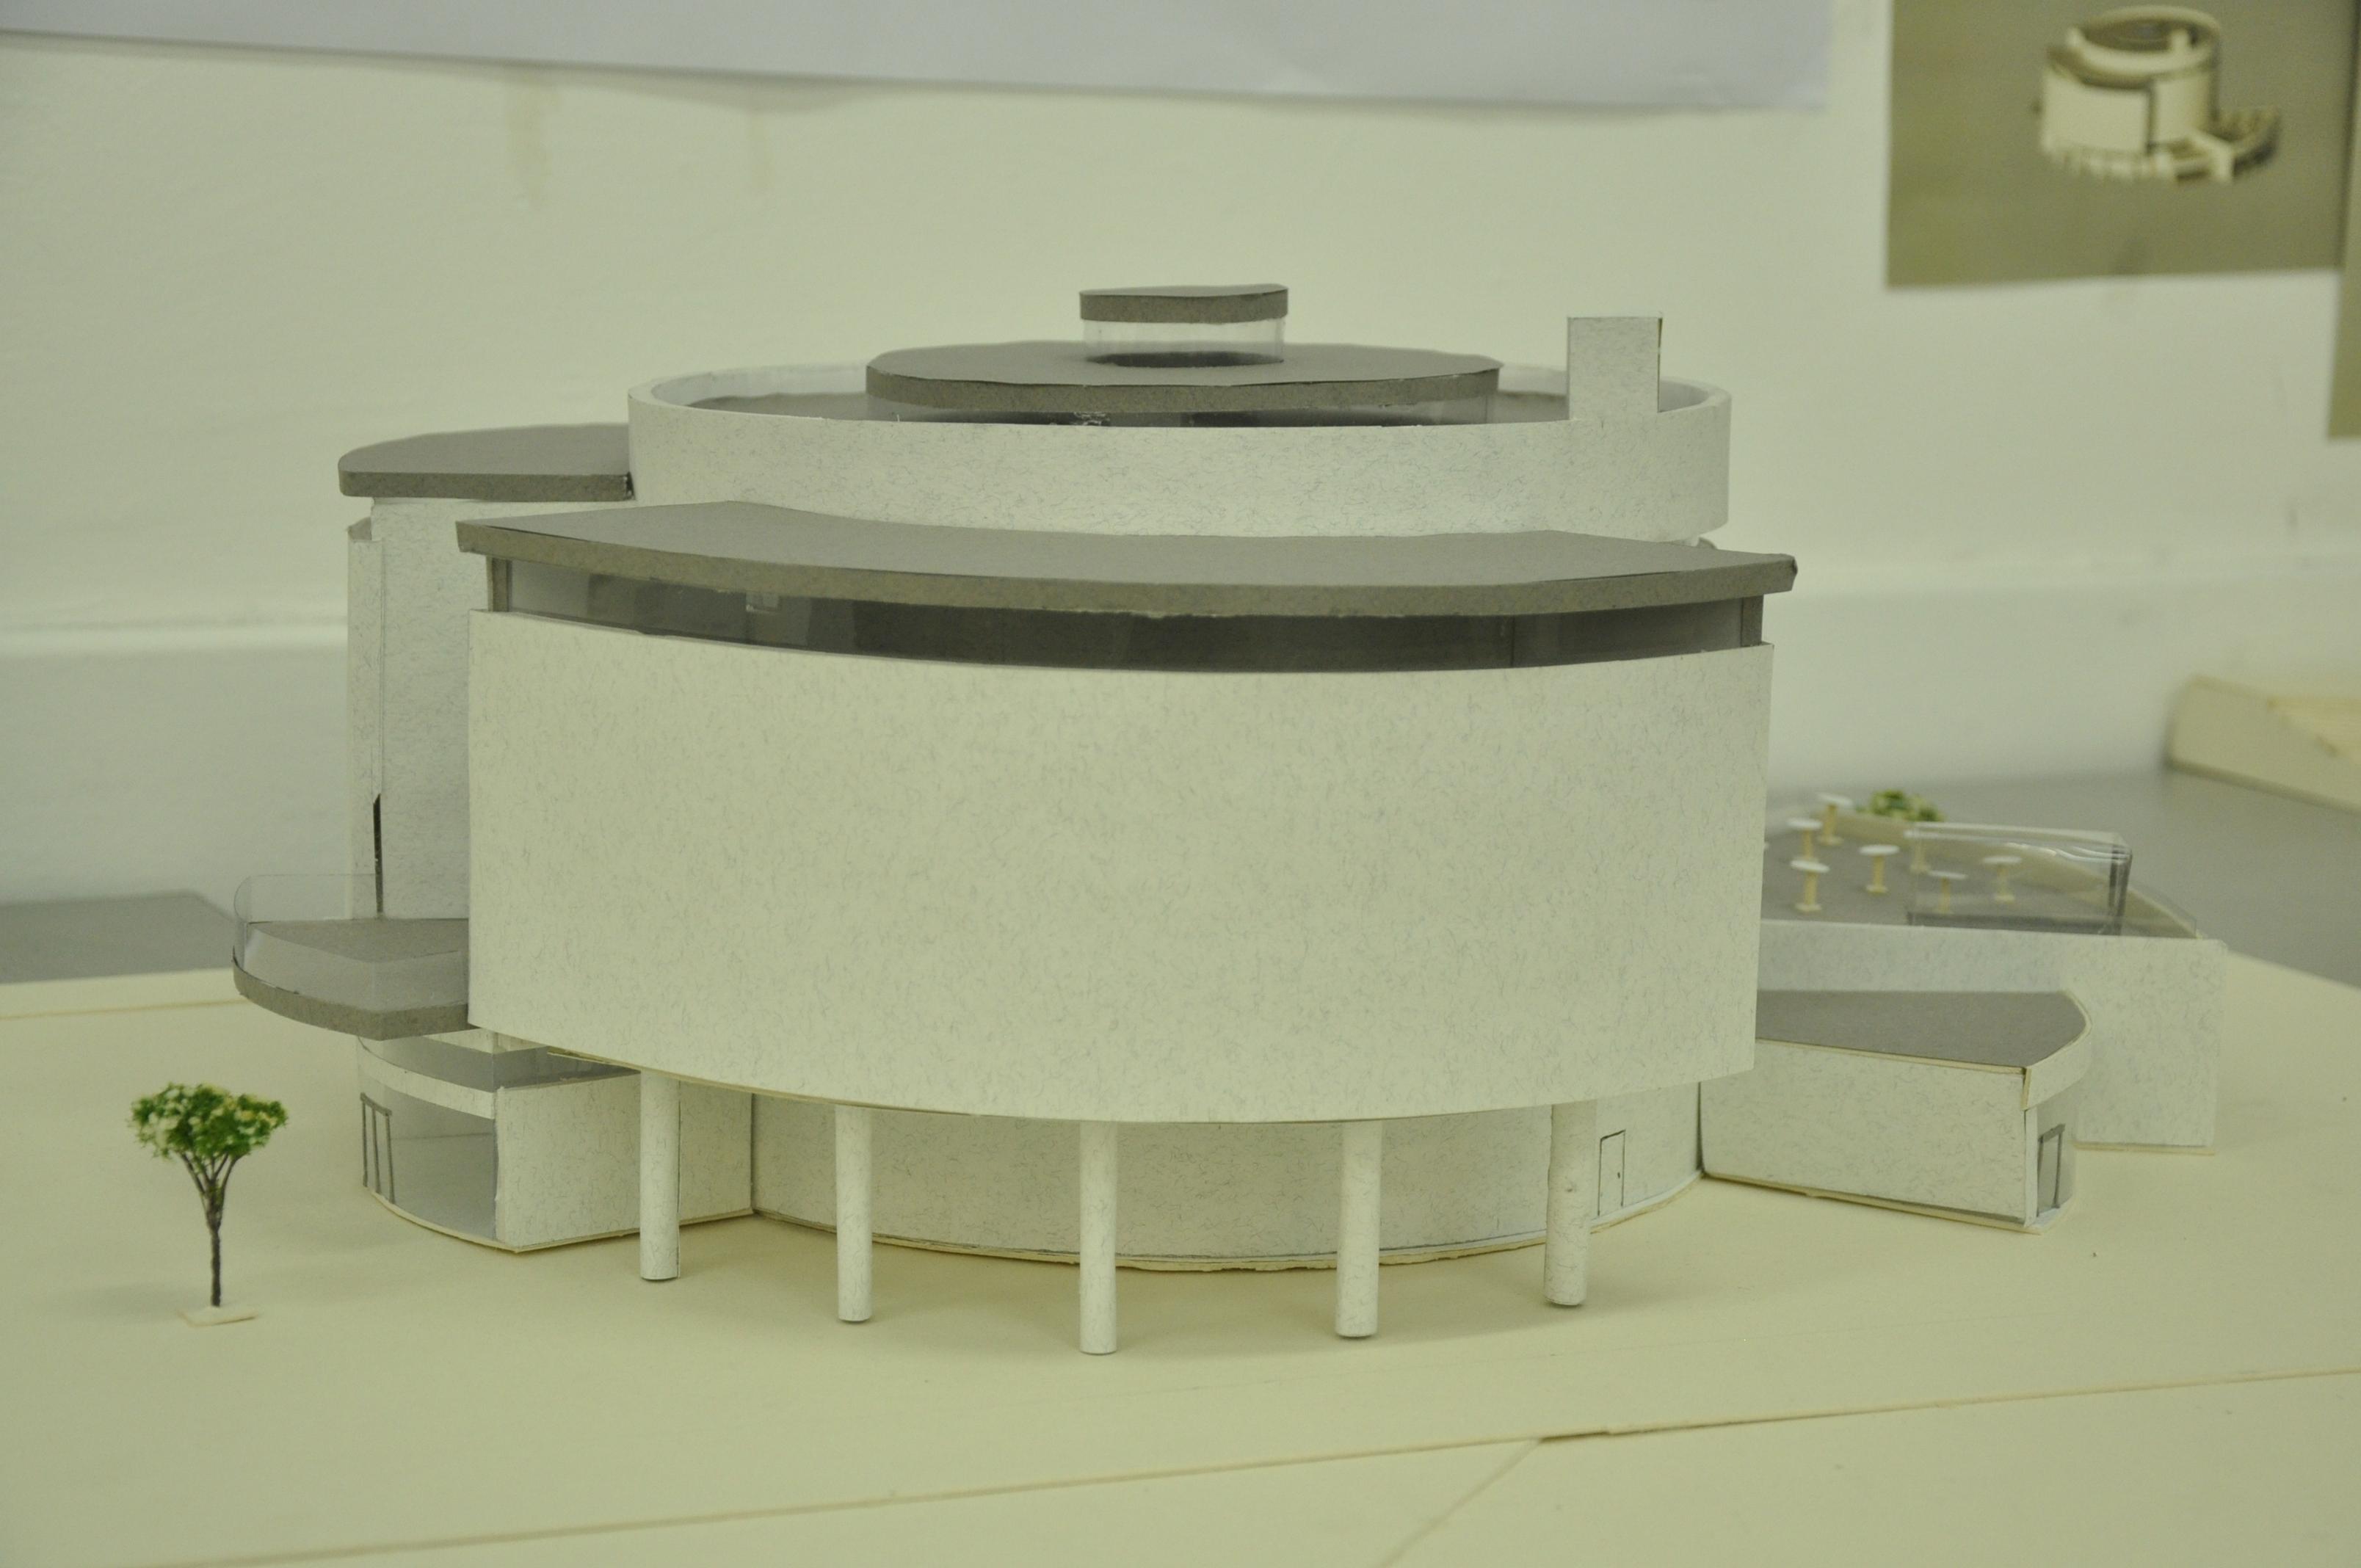 תכנון מרכז ספורט ימי, הנדסאי אדריכלות. מגיש עביר קעדאן, מנחה לירז גרוס. צילום: מאיה לוי - שנקר הנדסאים